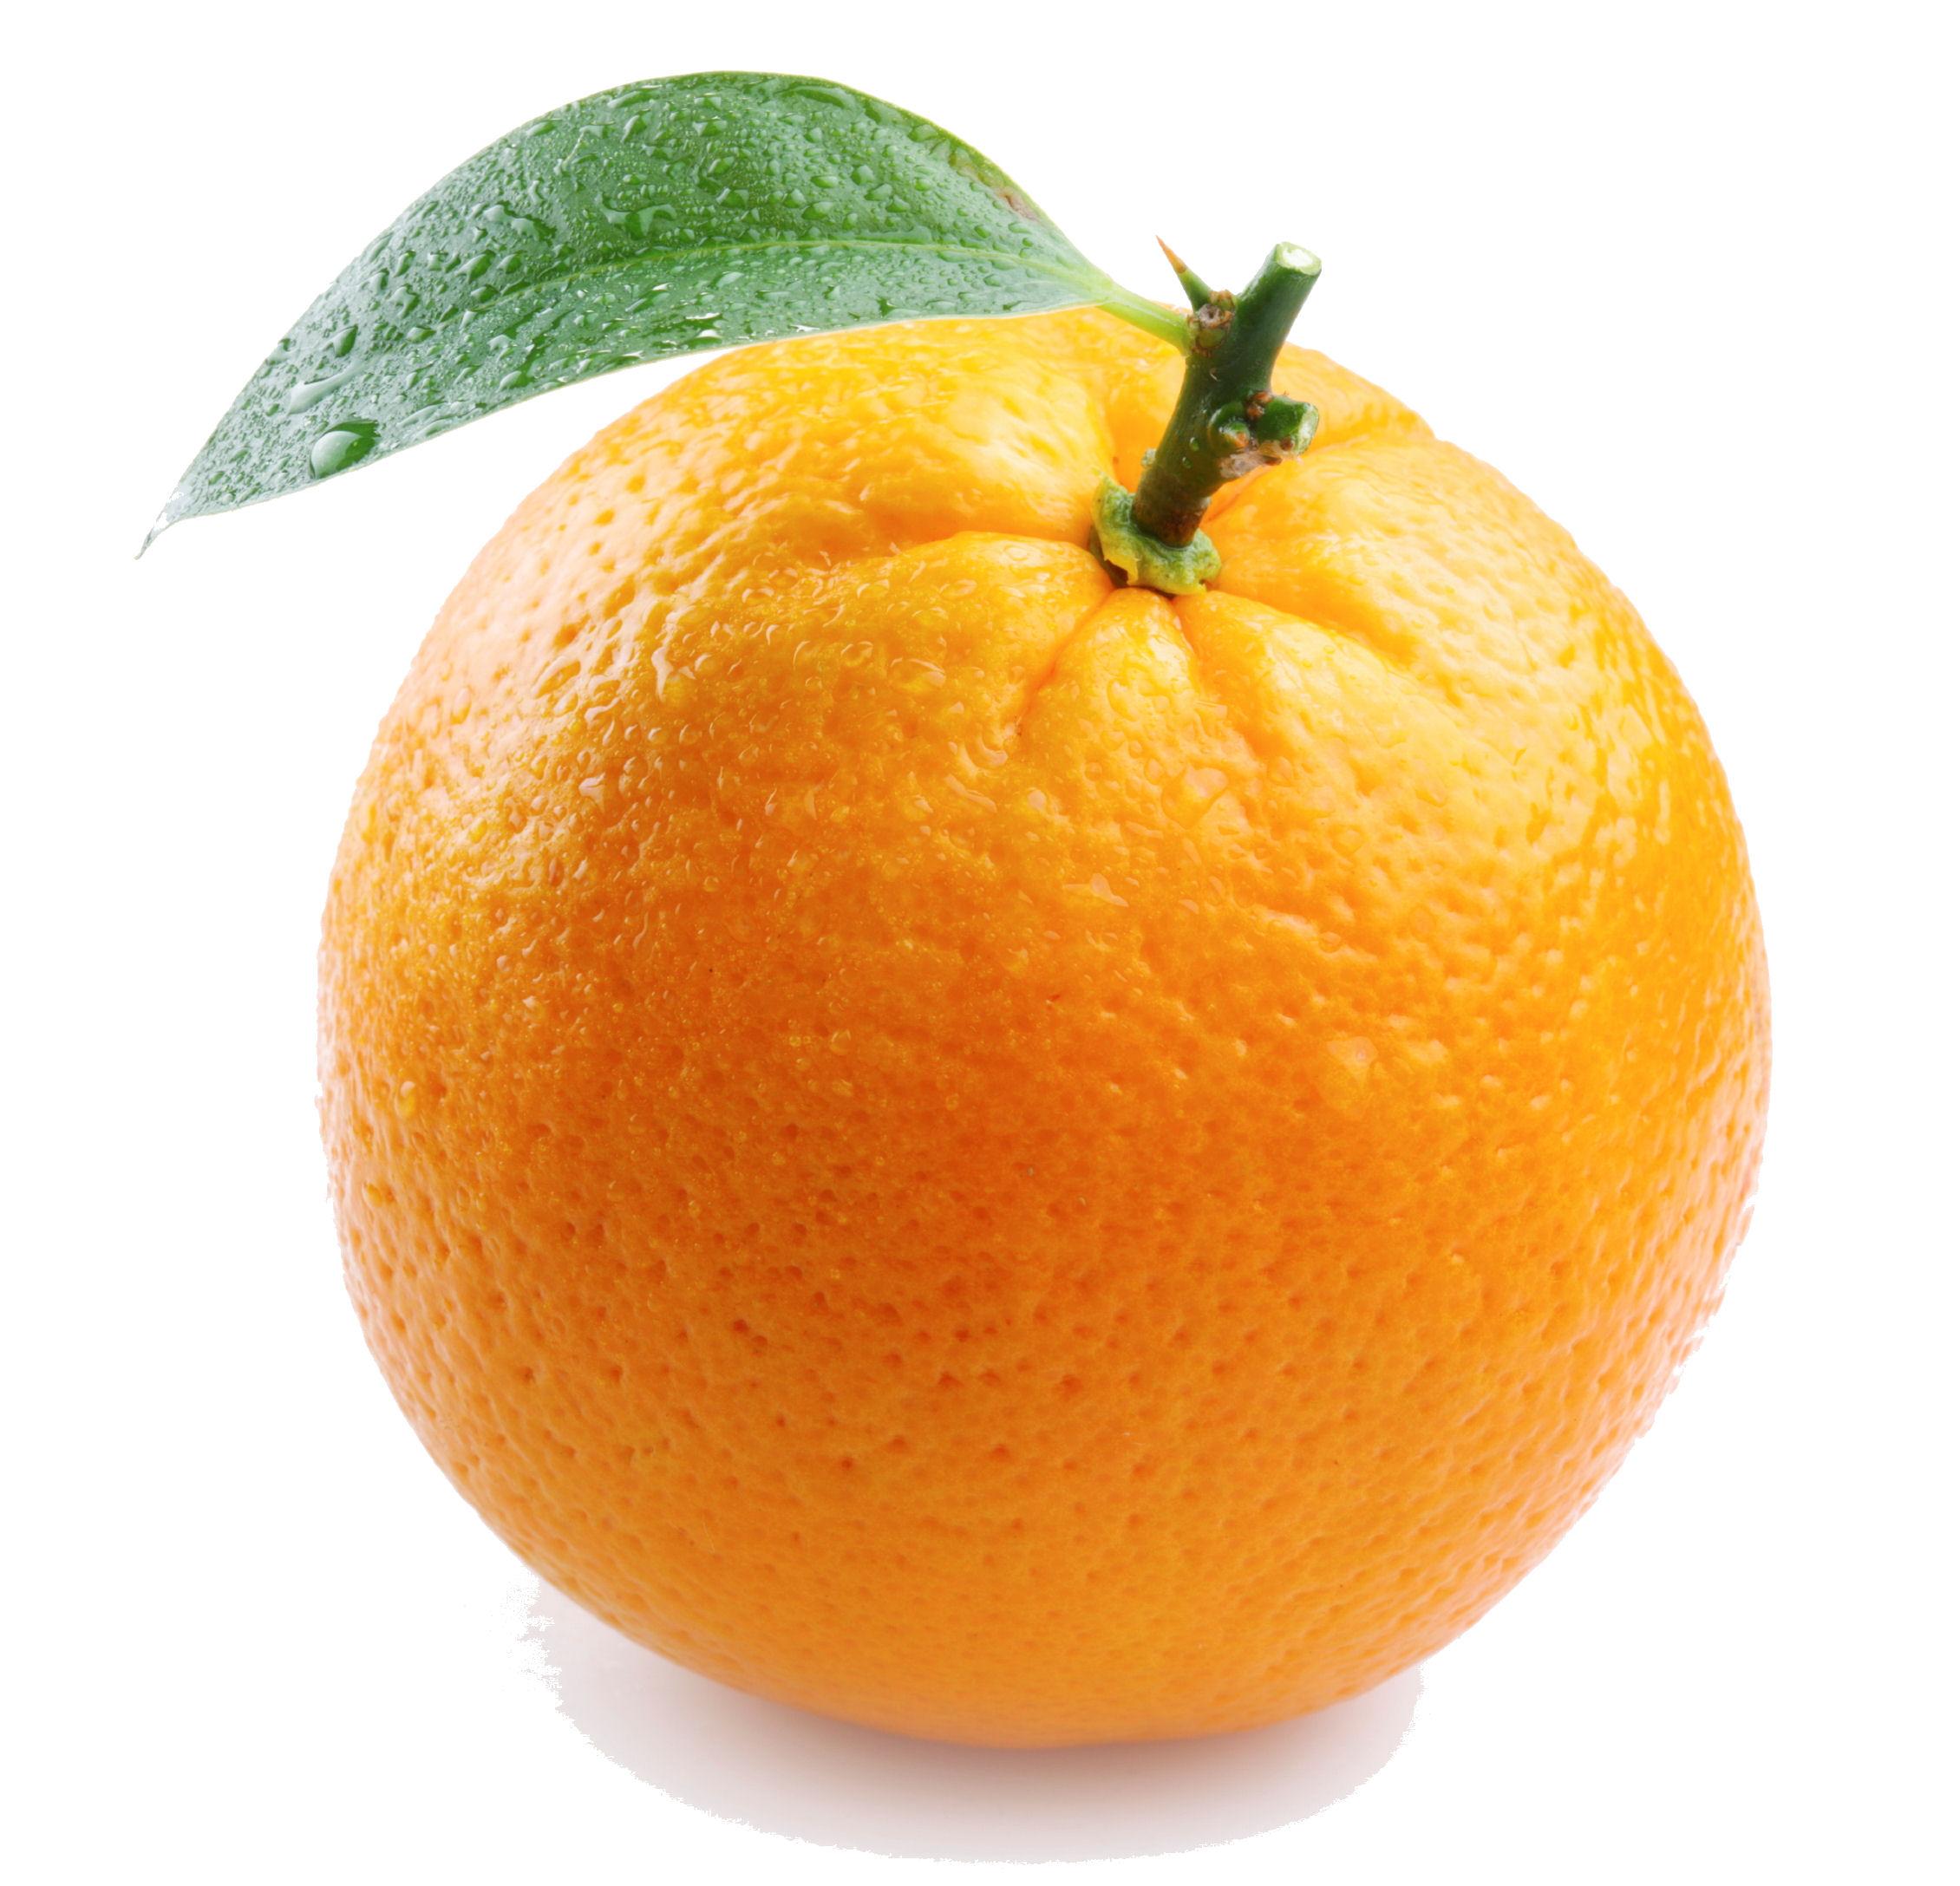 Апельсин, фото, клипарт, обои на рабочий стол